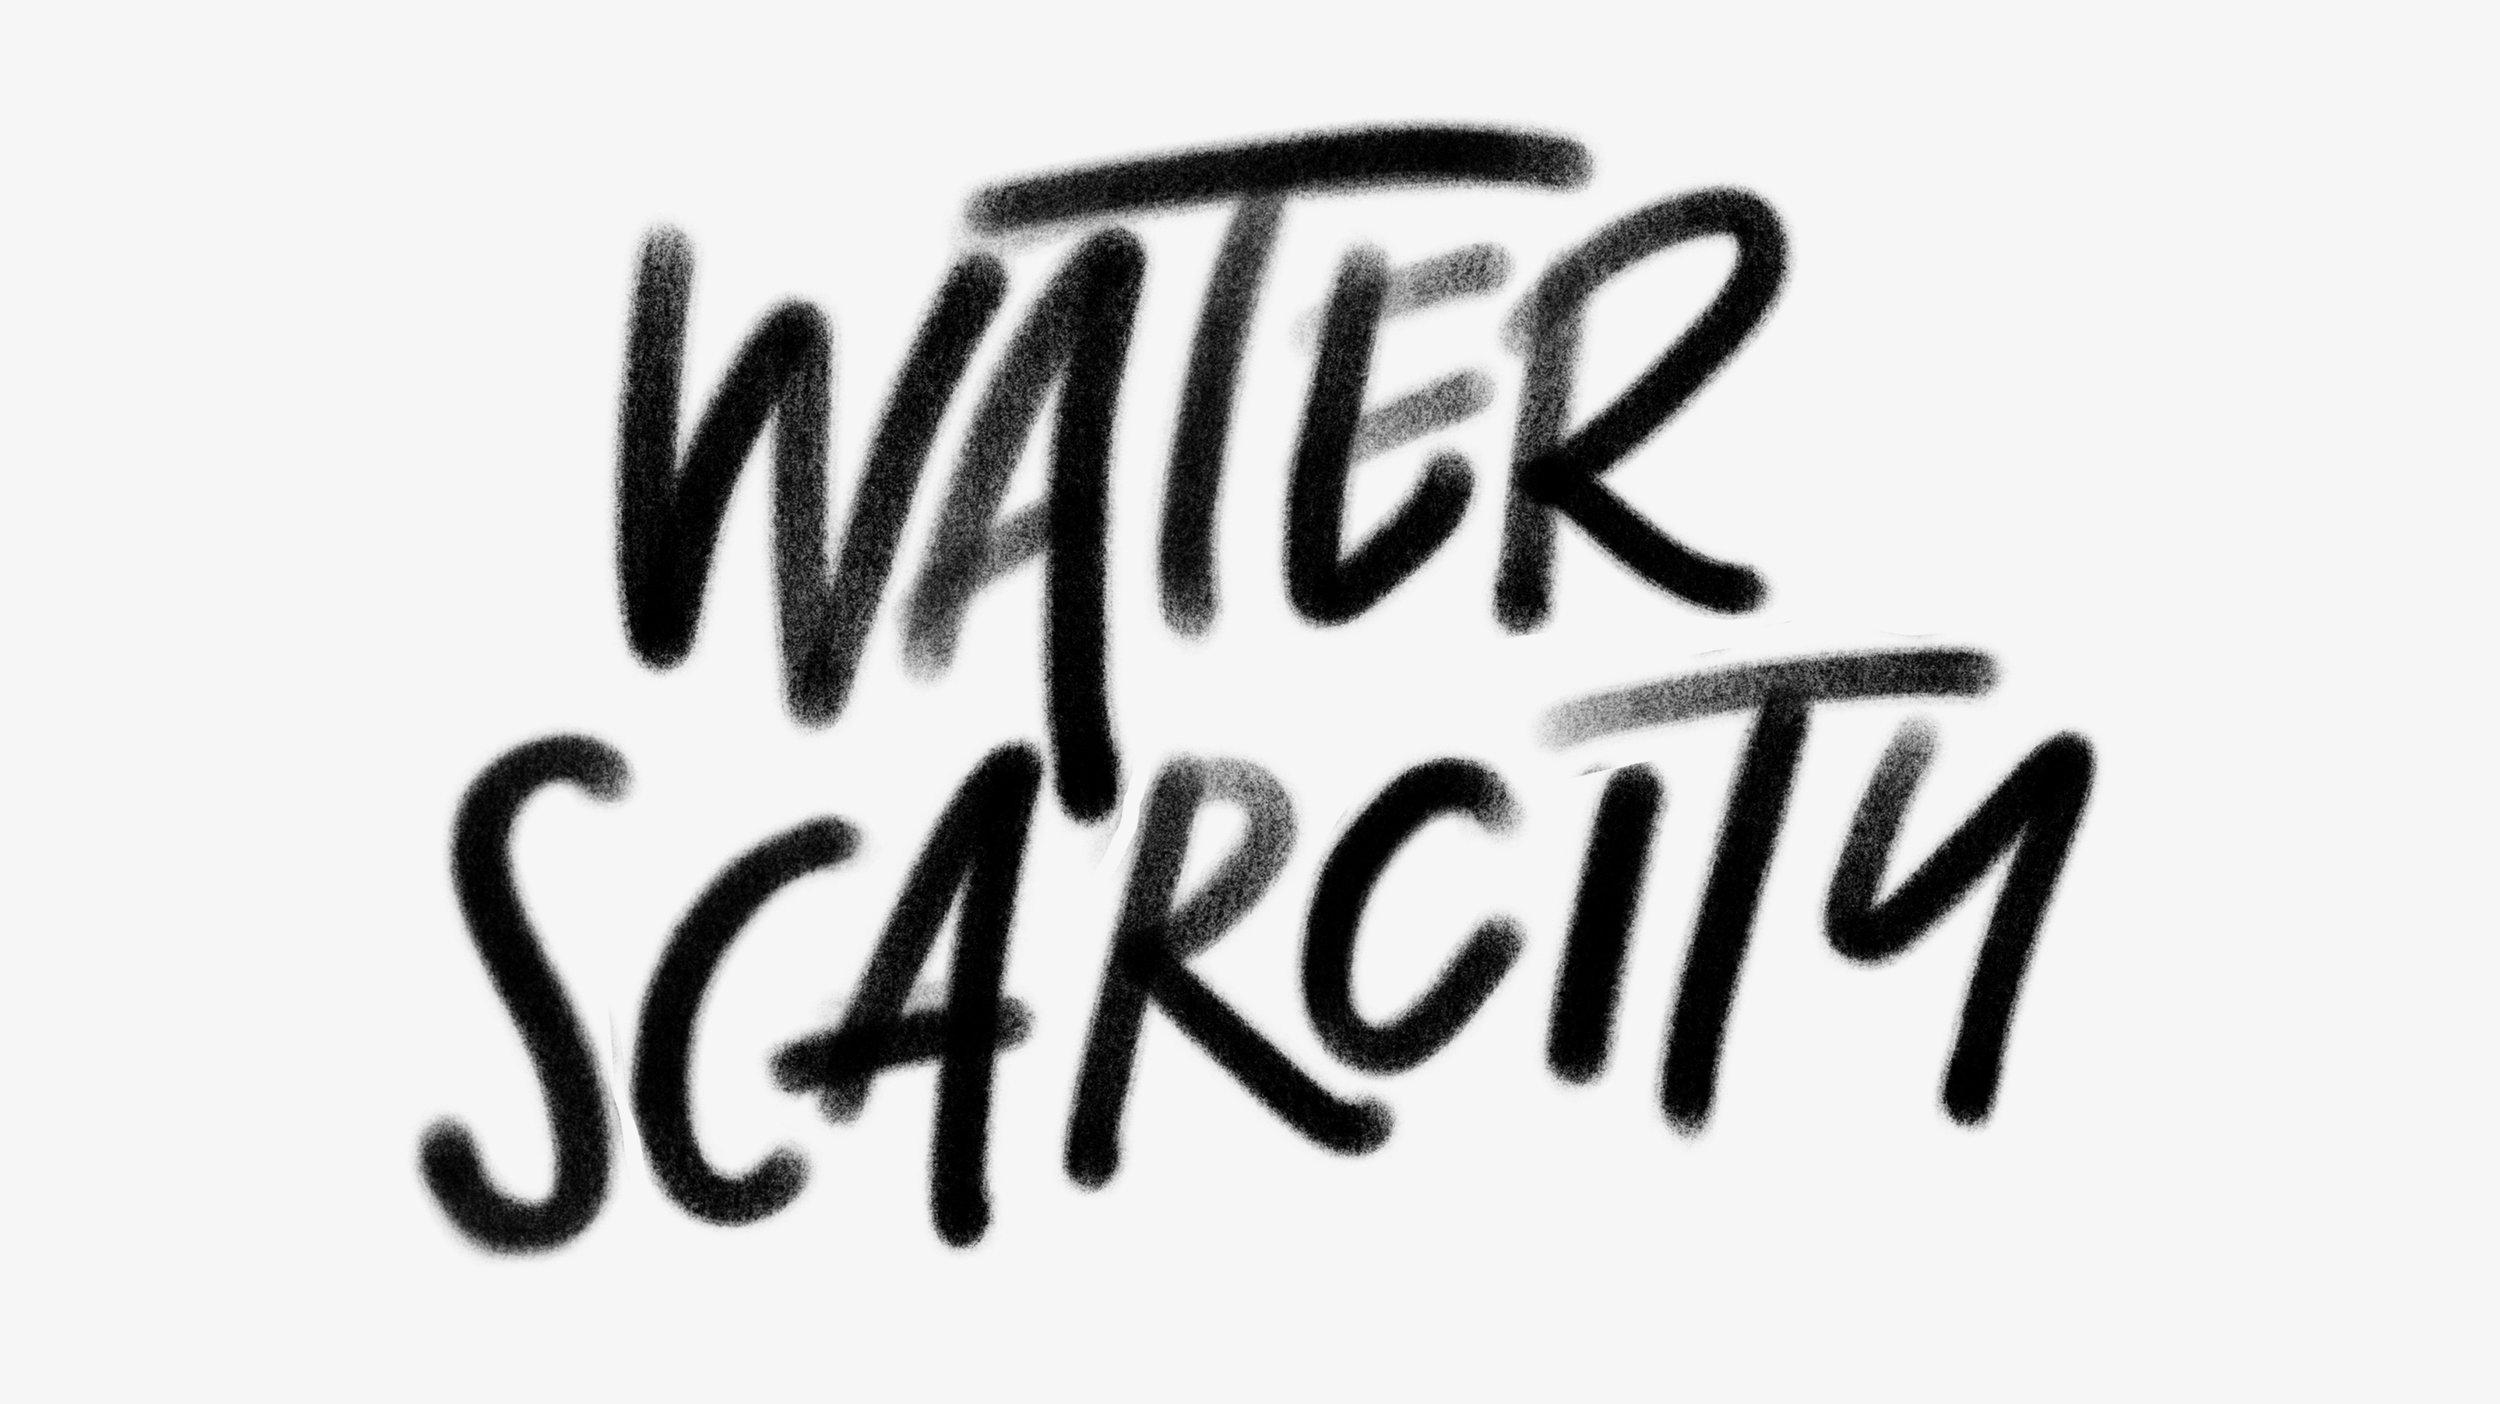 SC_Water Scarity.jpg